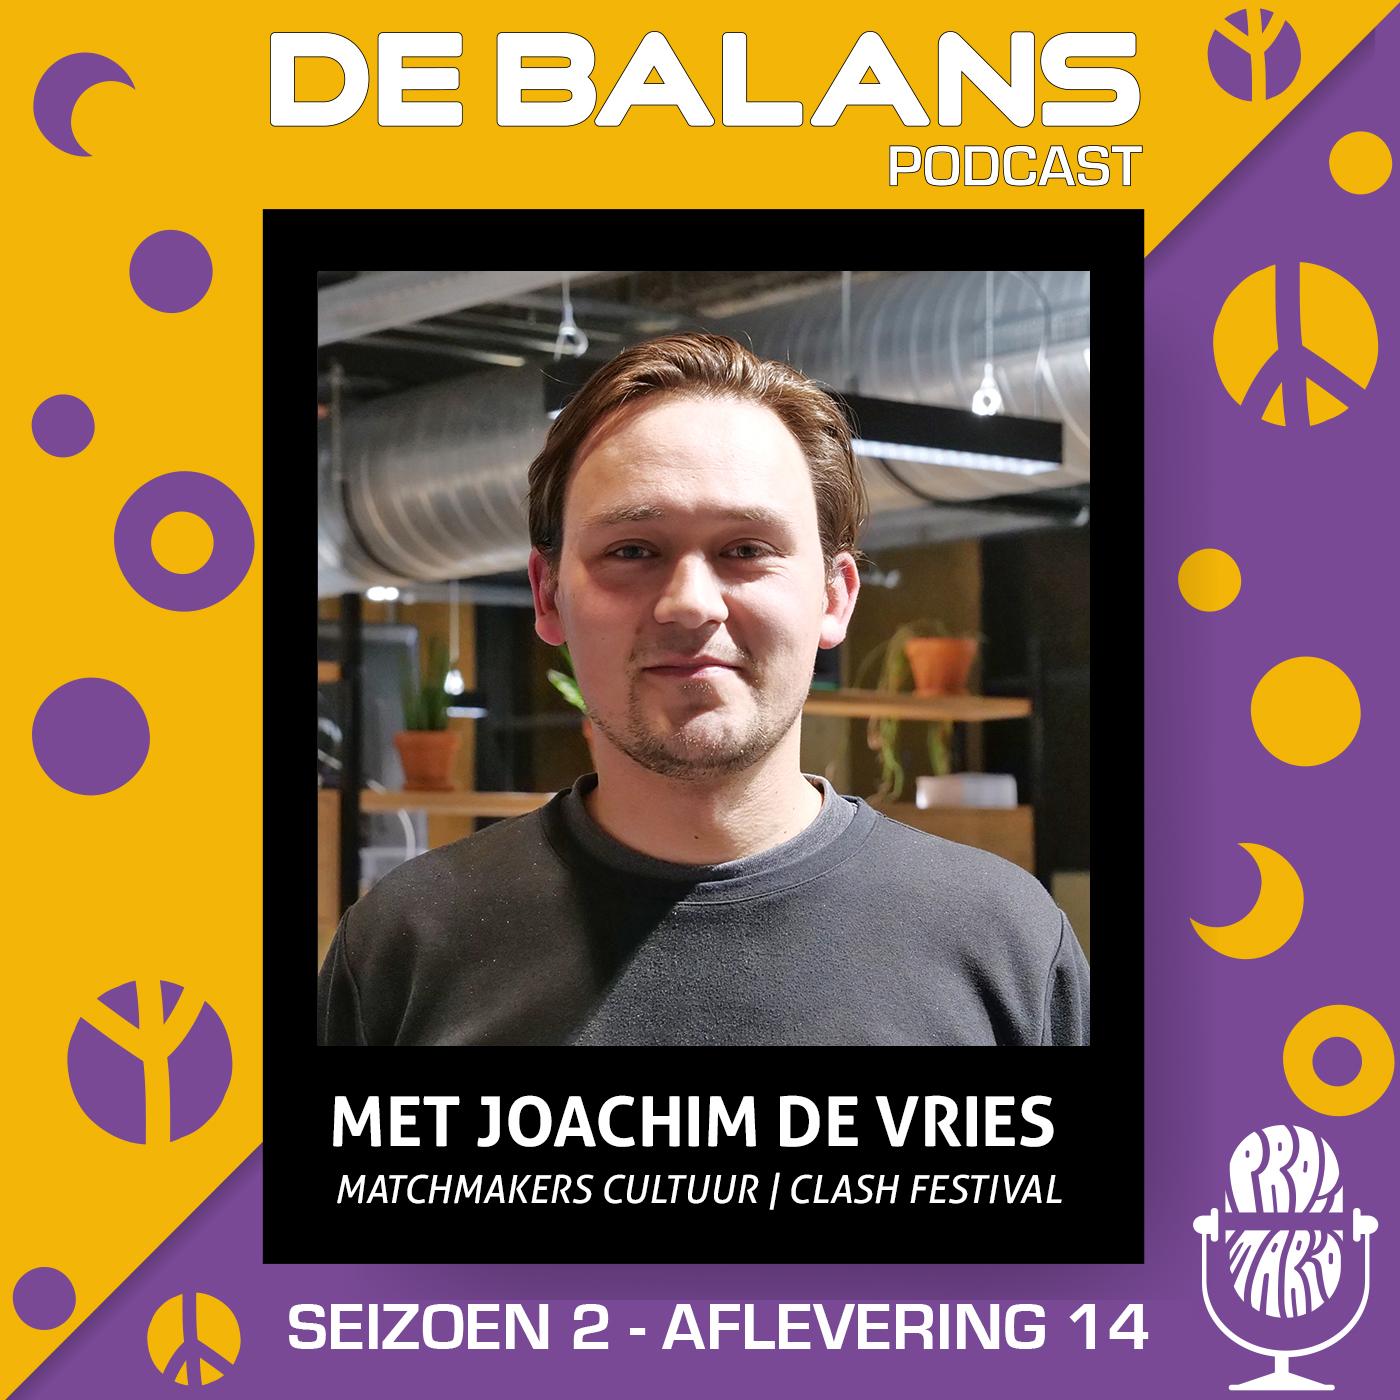 DE BALANS PODCAST – S02E14 MET JOACHIM DE VRIES